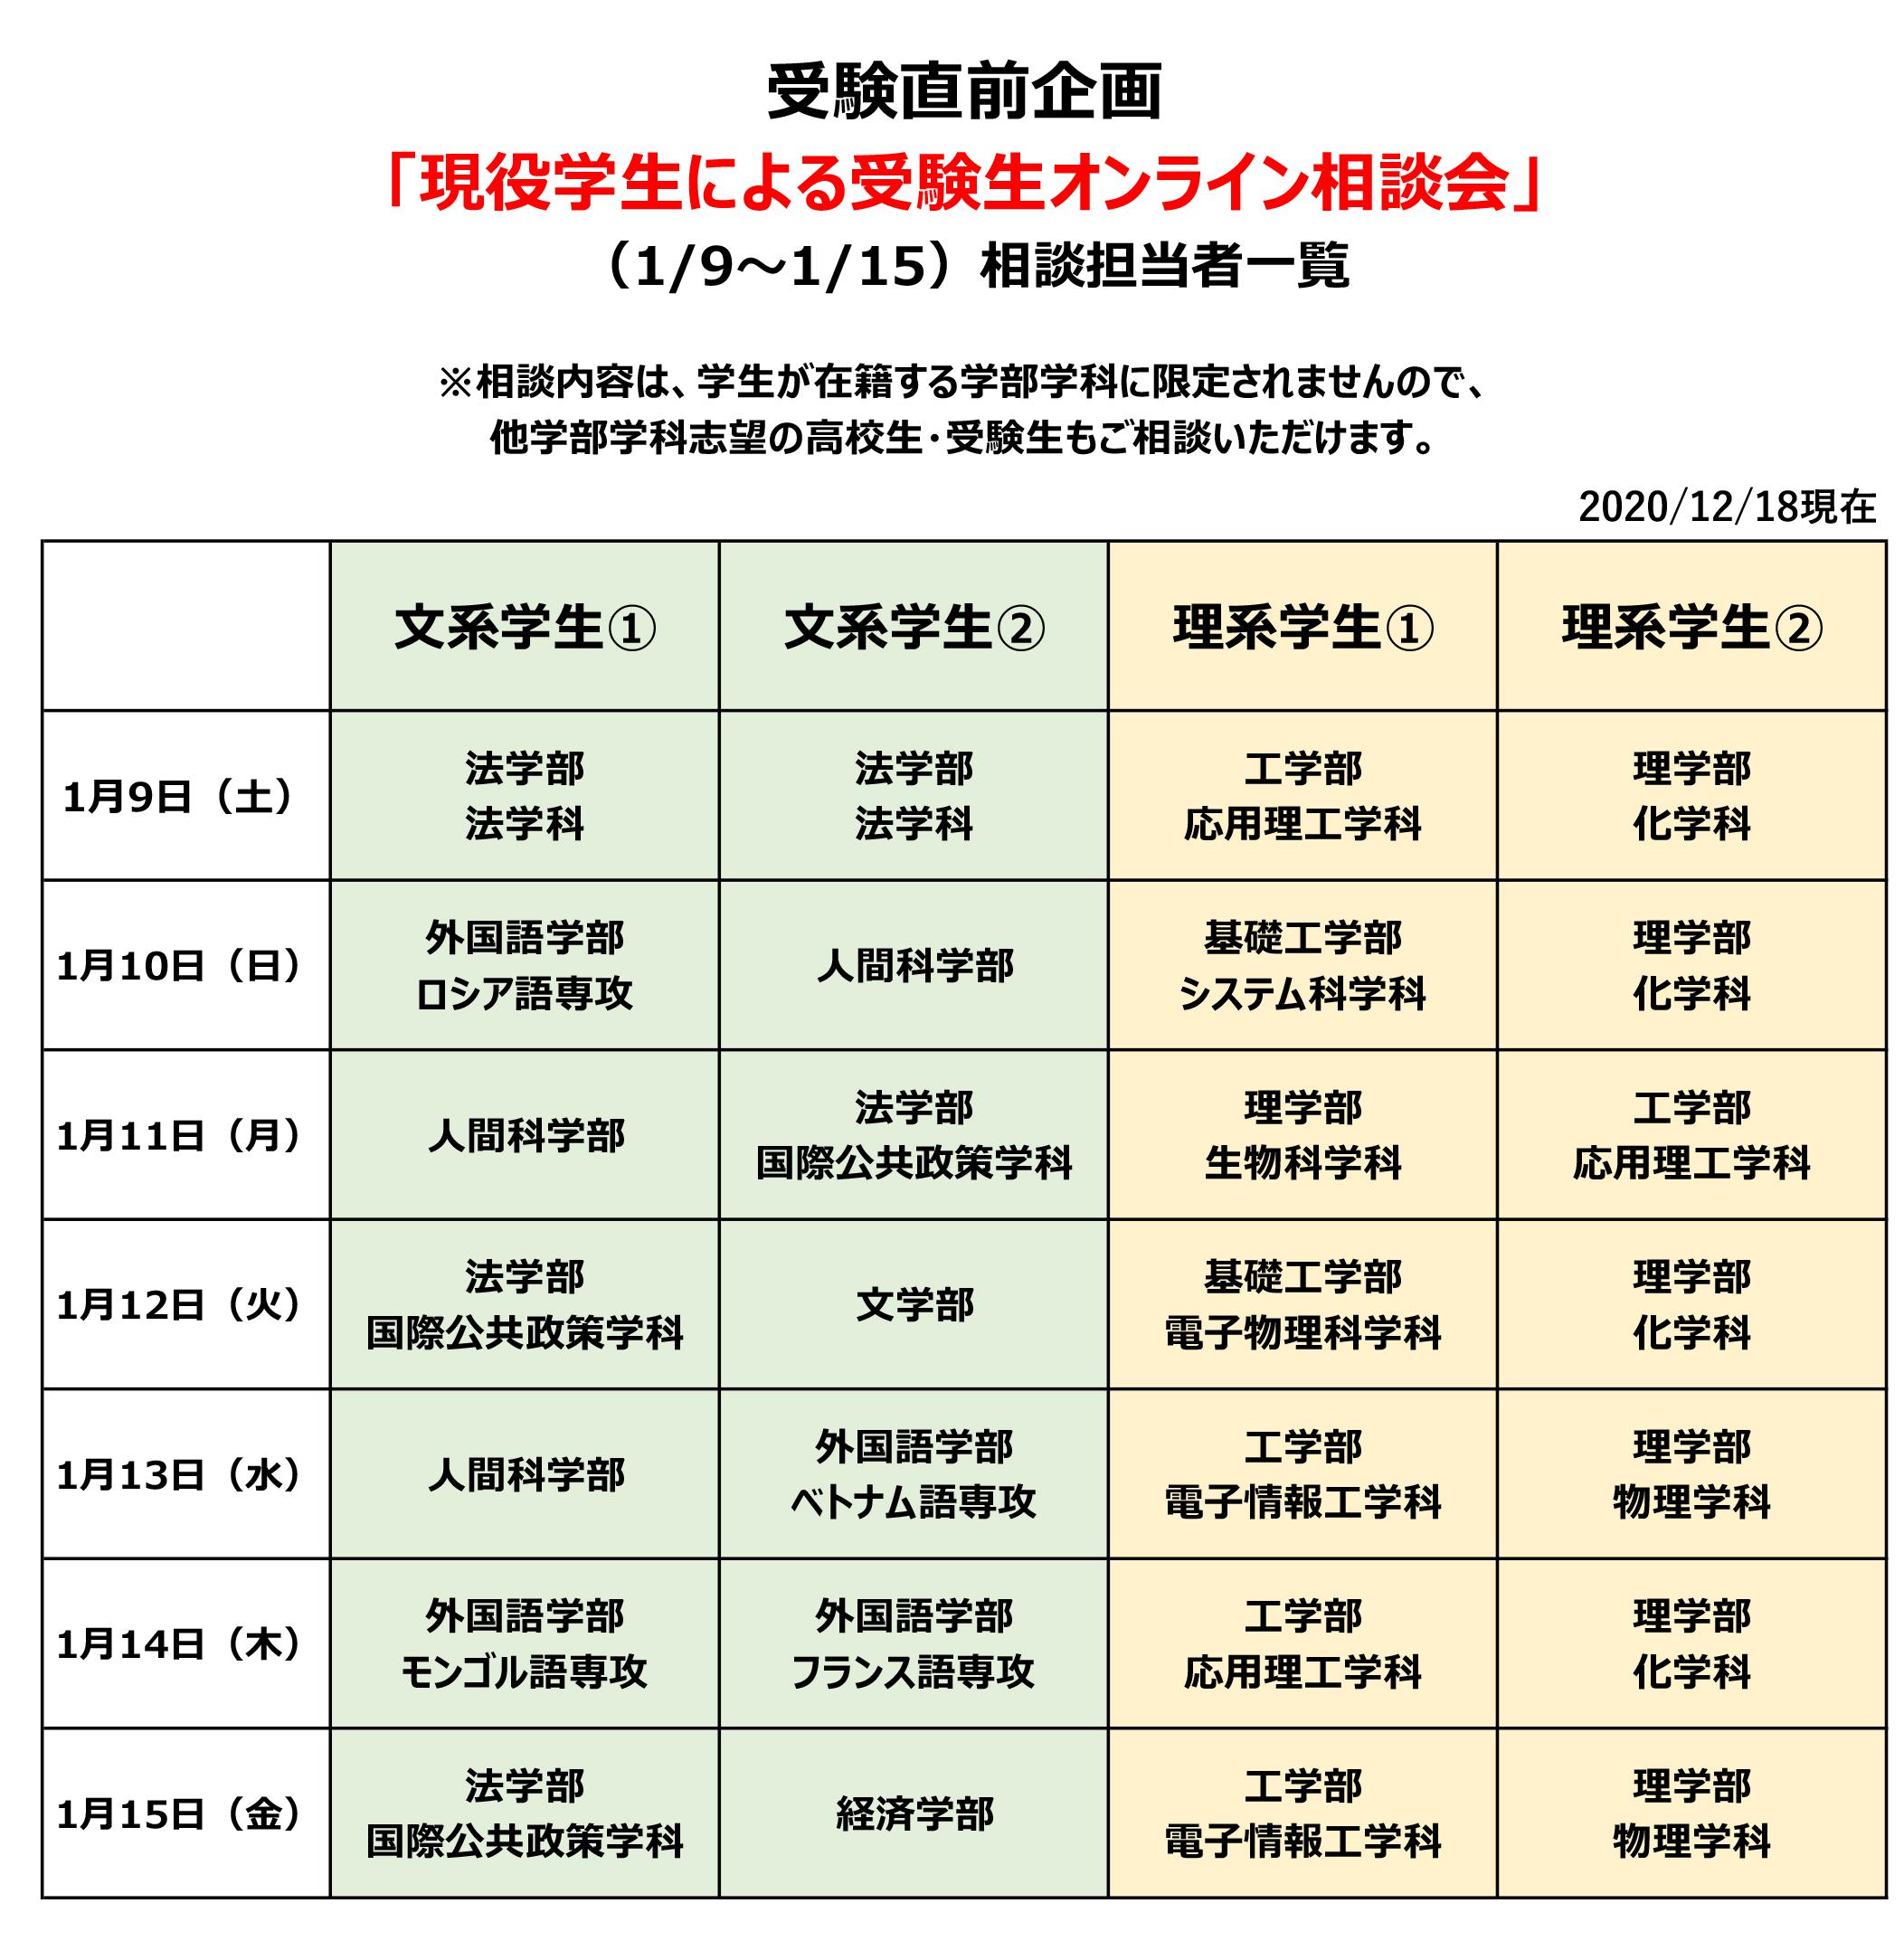 大阪大学が1月15日まで大学入学共通テスト直前企画「現役学生による受験生オンライン相談会」を開催